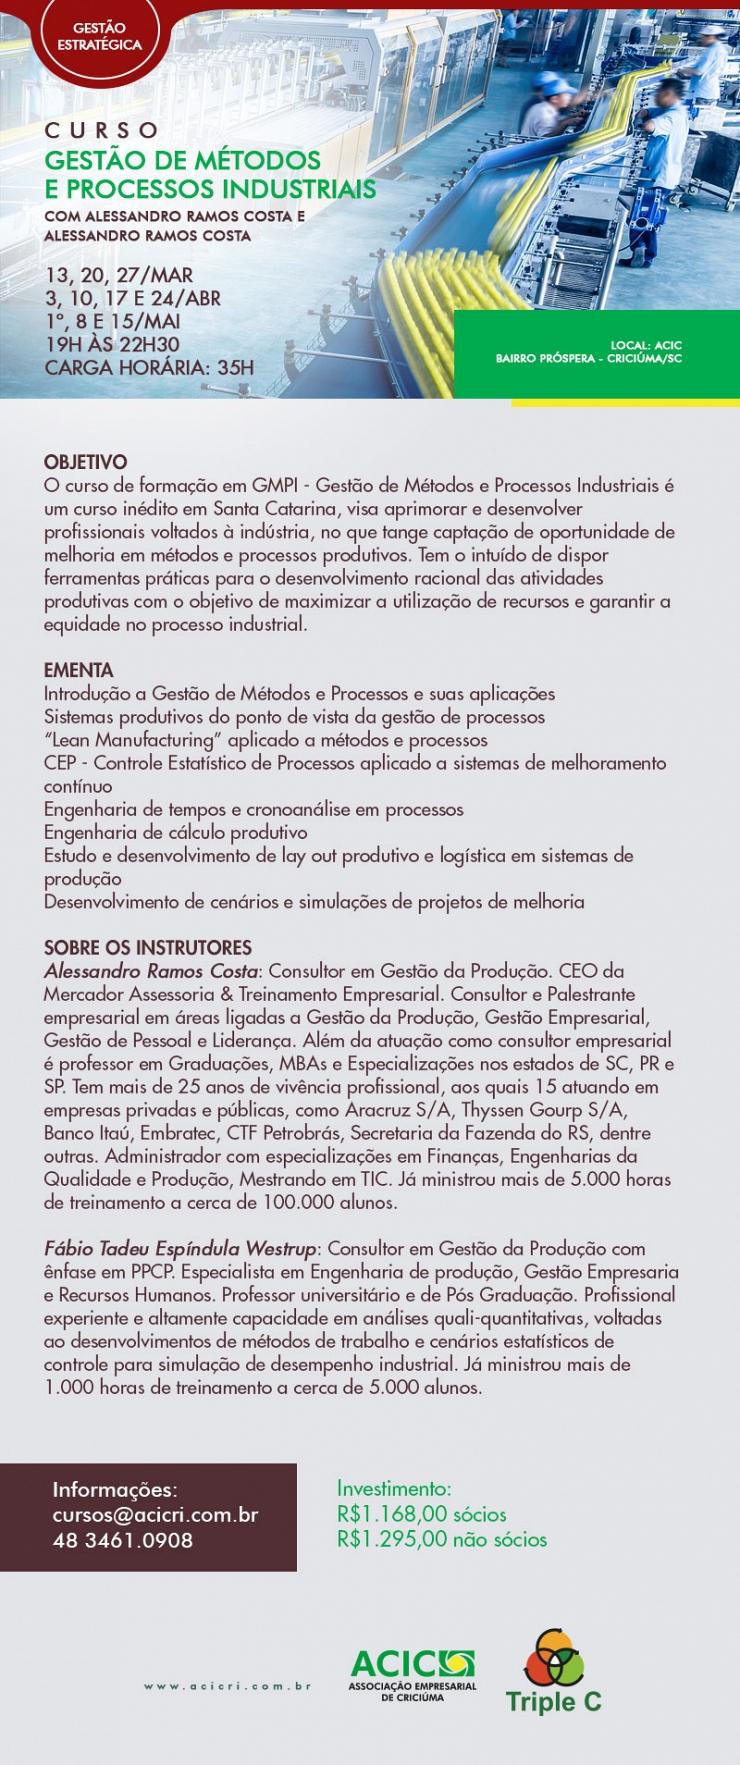 GESTÃO DE MÉTODOS E PROCESSOS INDUSTRIAIS